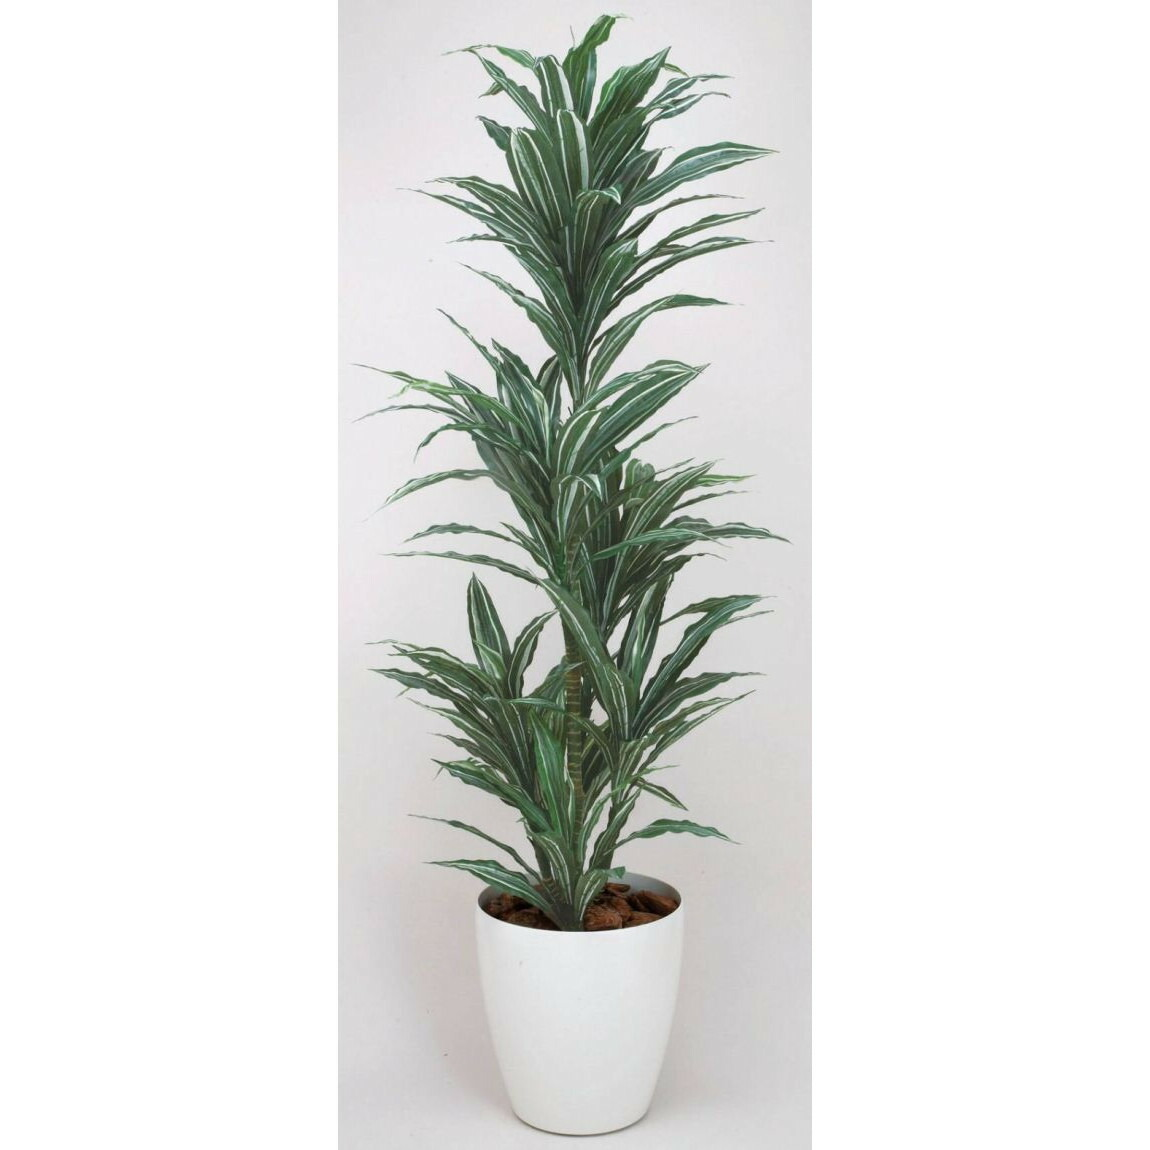 光触媒 光の楽園ワーネッキー 1.8m【インテリアグリーン 人工観葉植物】